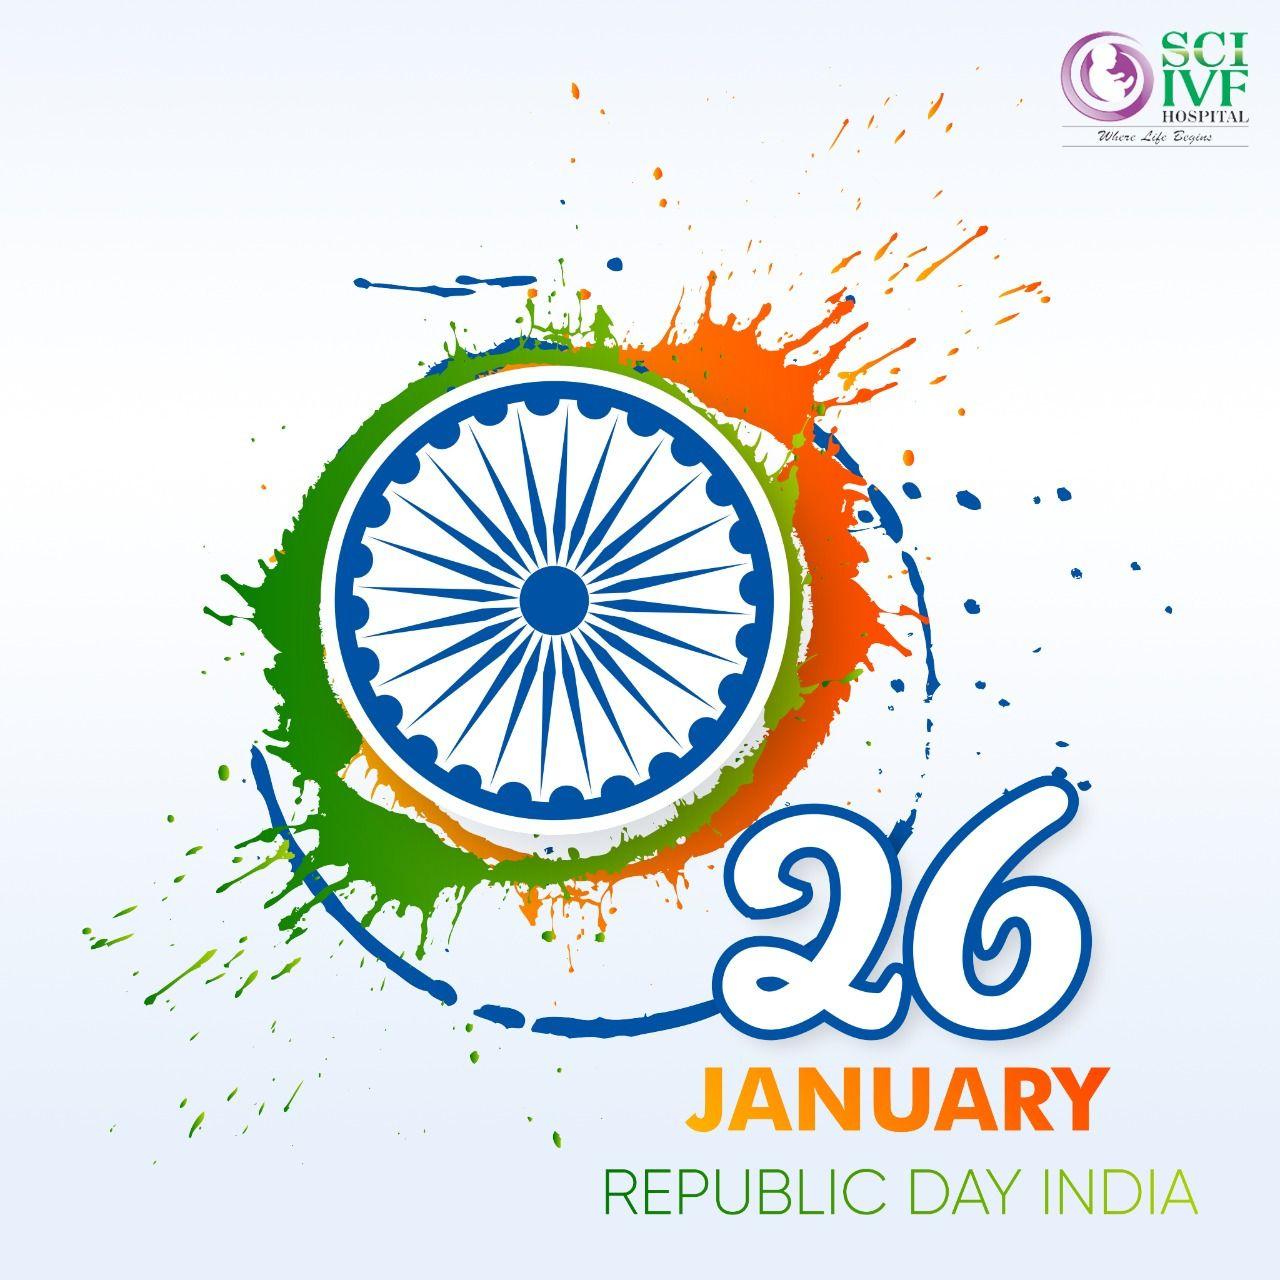 Happy Republic Day 2021 In 2021 Republic Day India Republic Day Indian Flag Happy republic day wishes in tamil